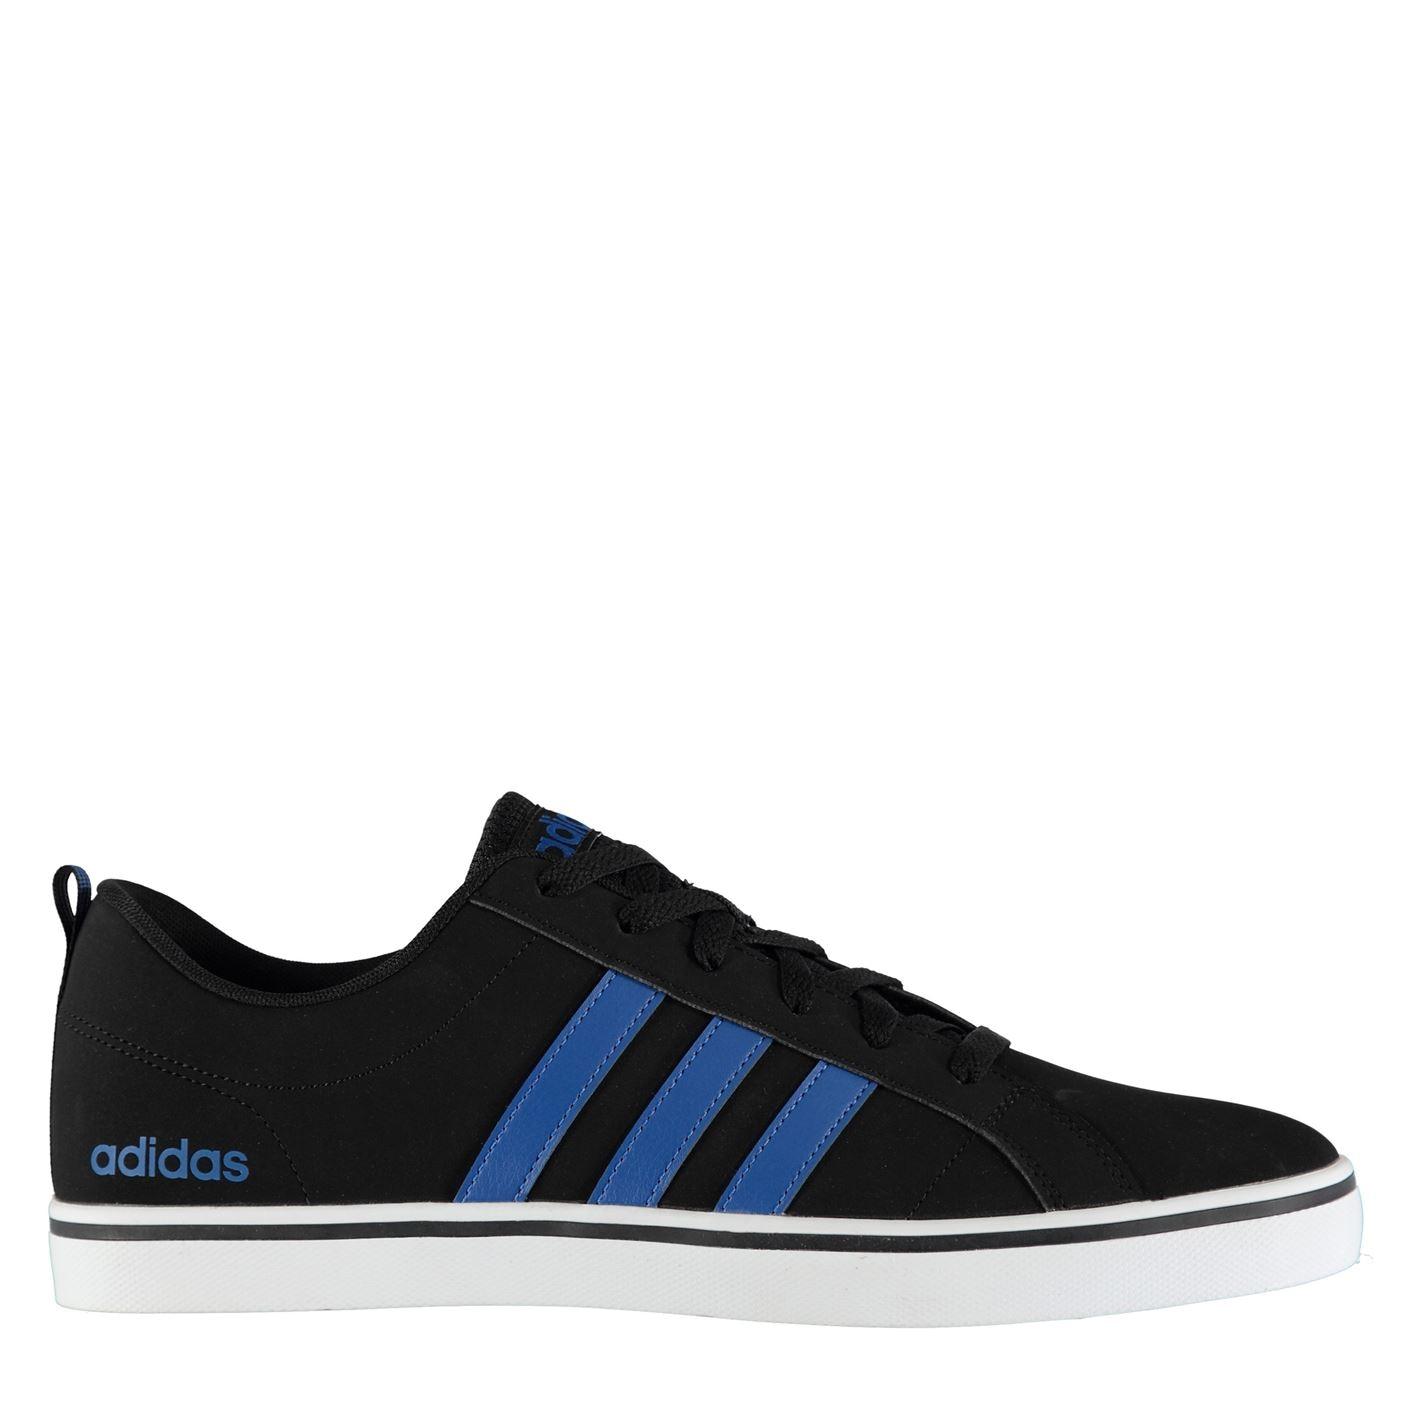 Black/Blue/Wht